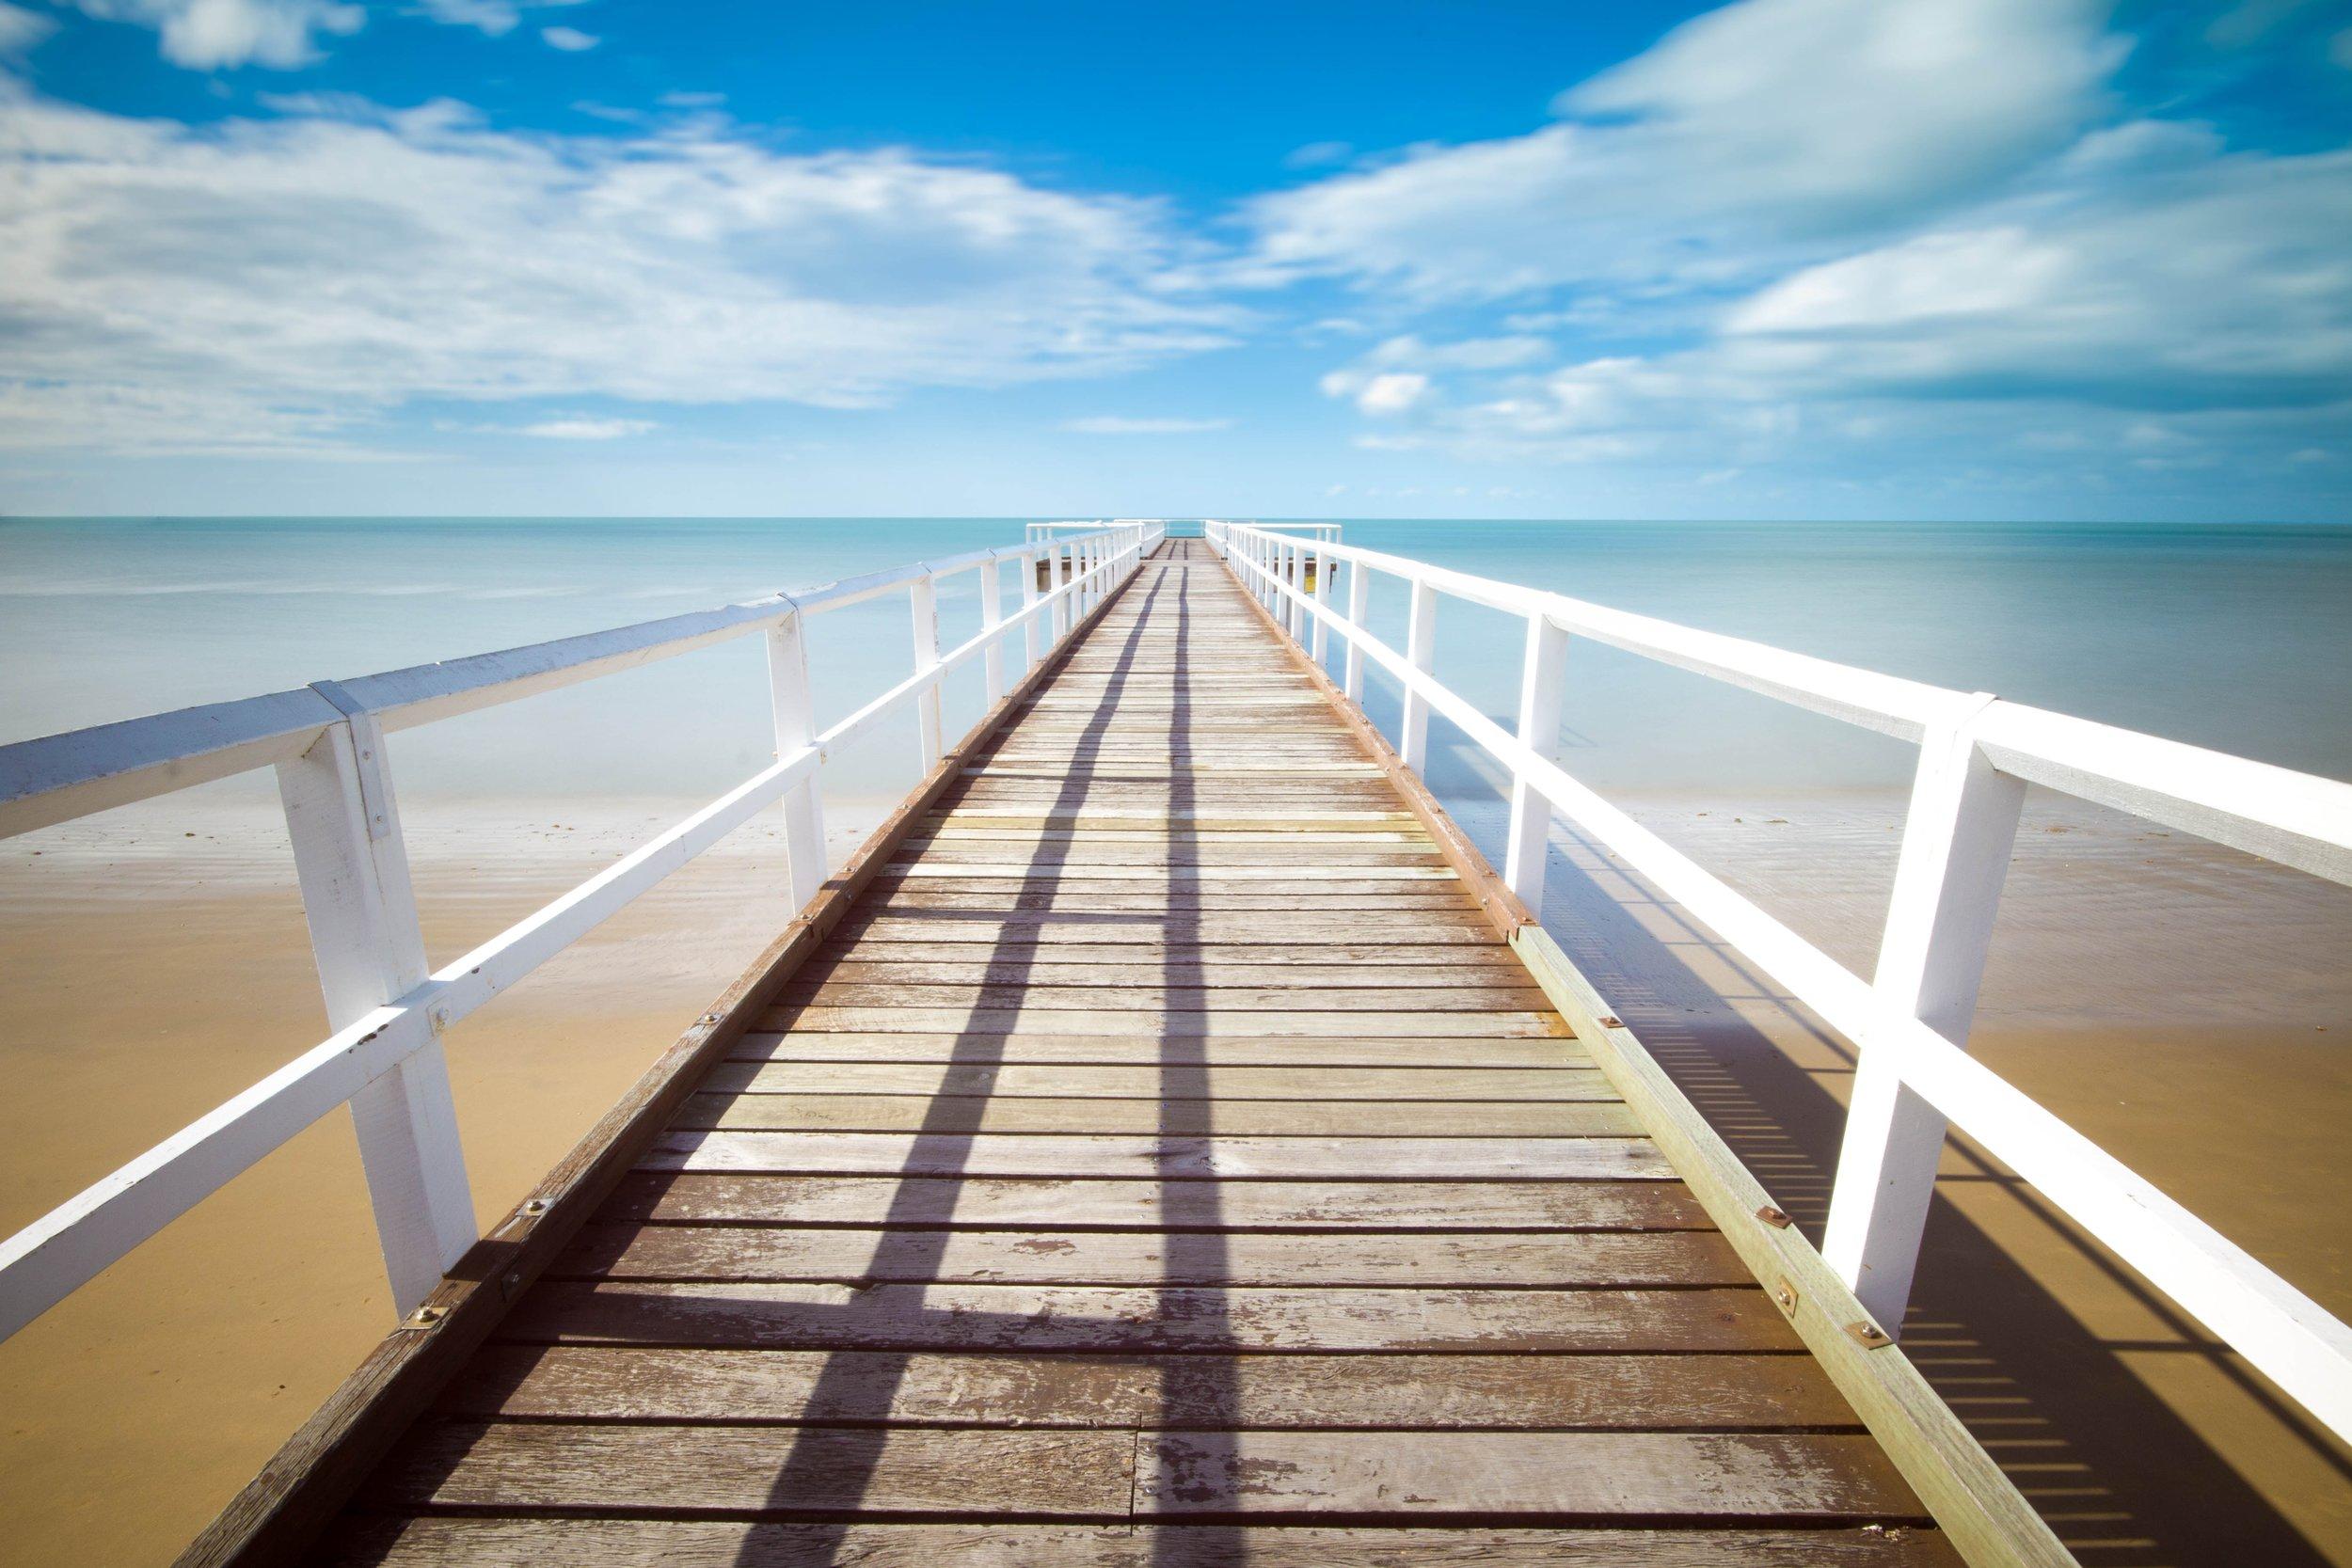 The Bridge -